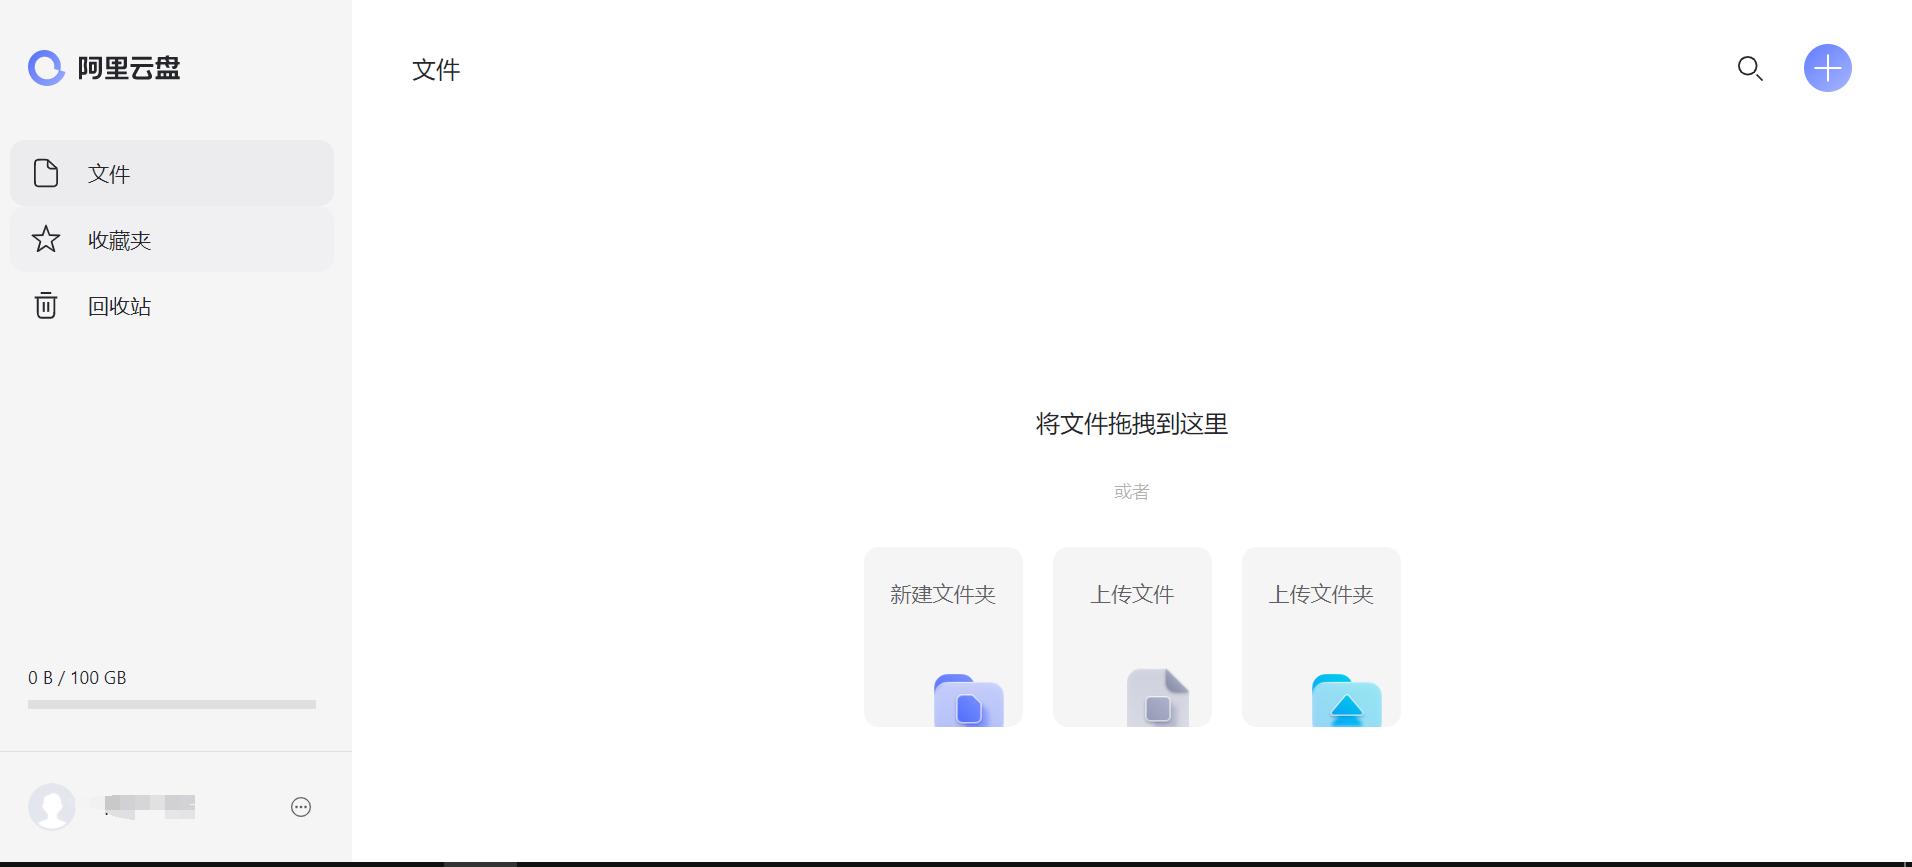 阿里云盘–不限速的网盘应用-PK技术网